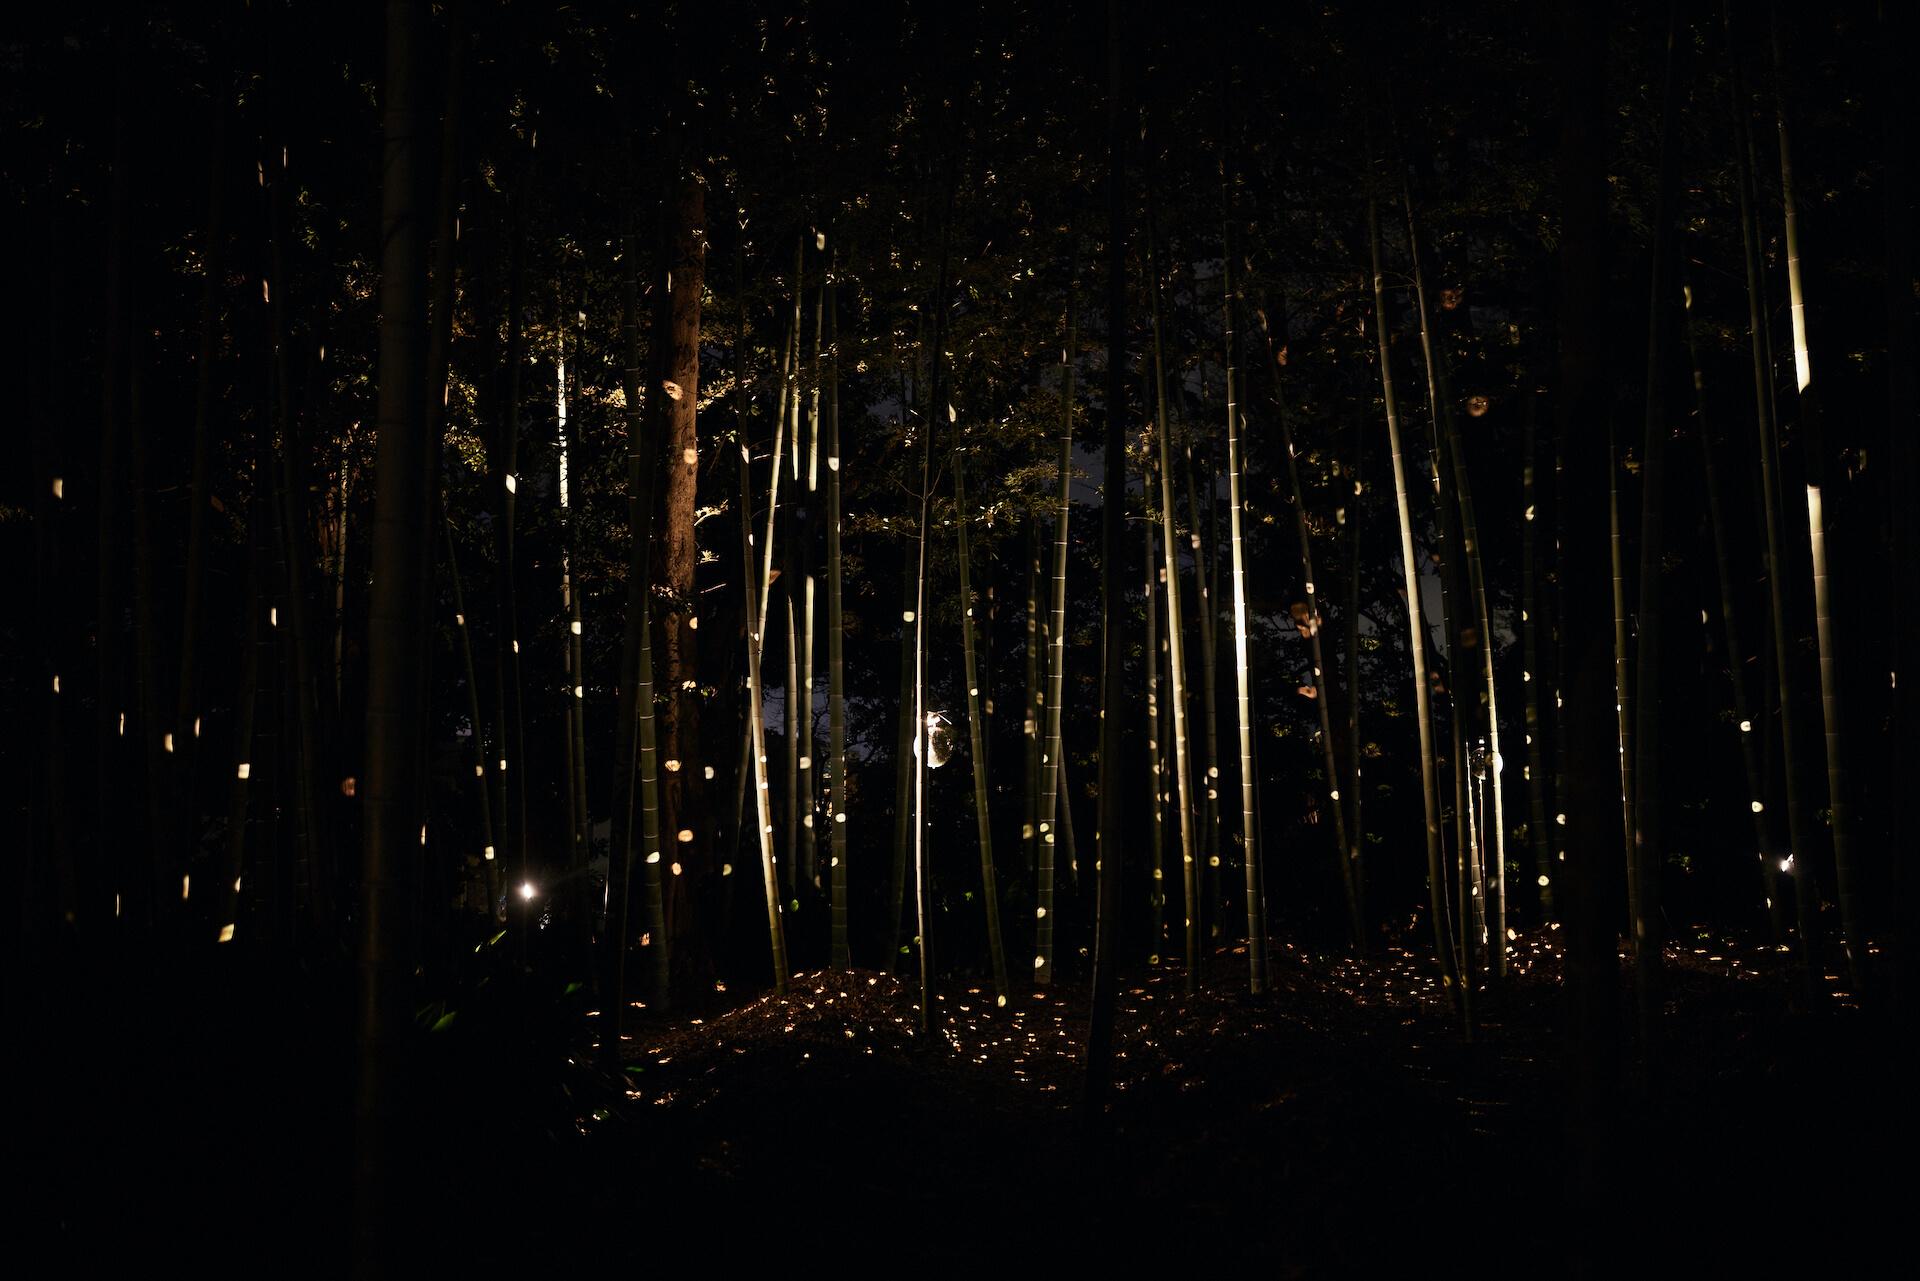 バーチャルを駆使した仮想大中寺で禅の世界を体感<MUSO Culture Festival 2021>レポート column210318_muso-09